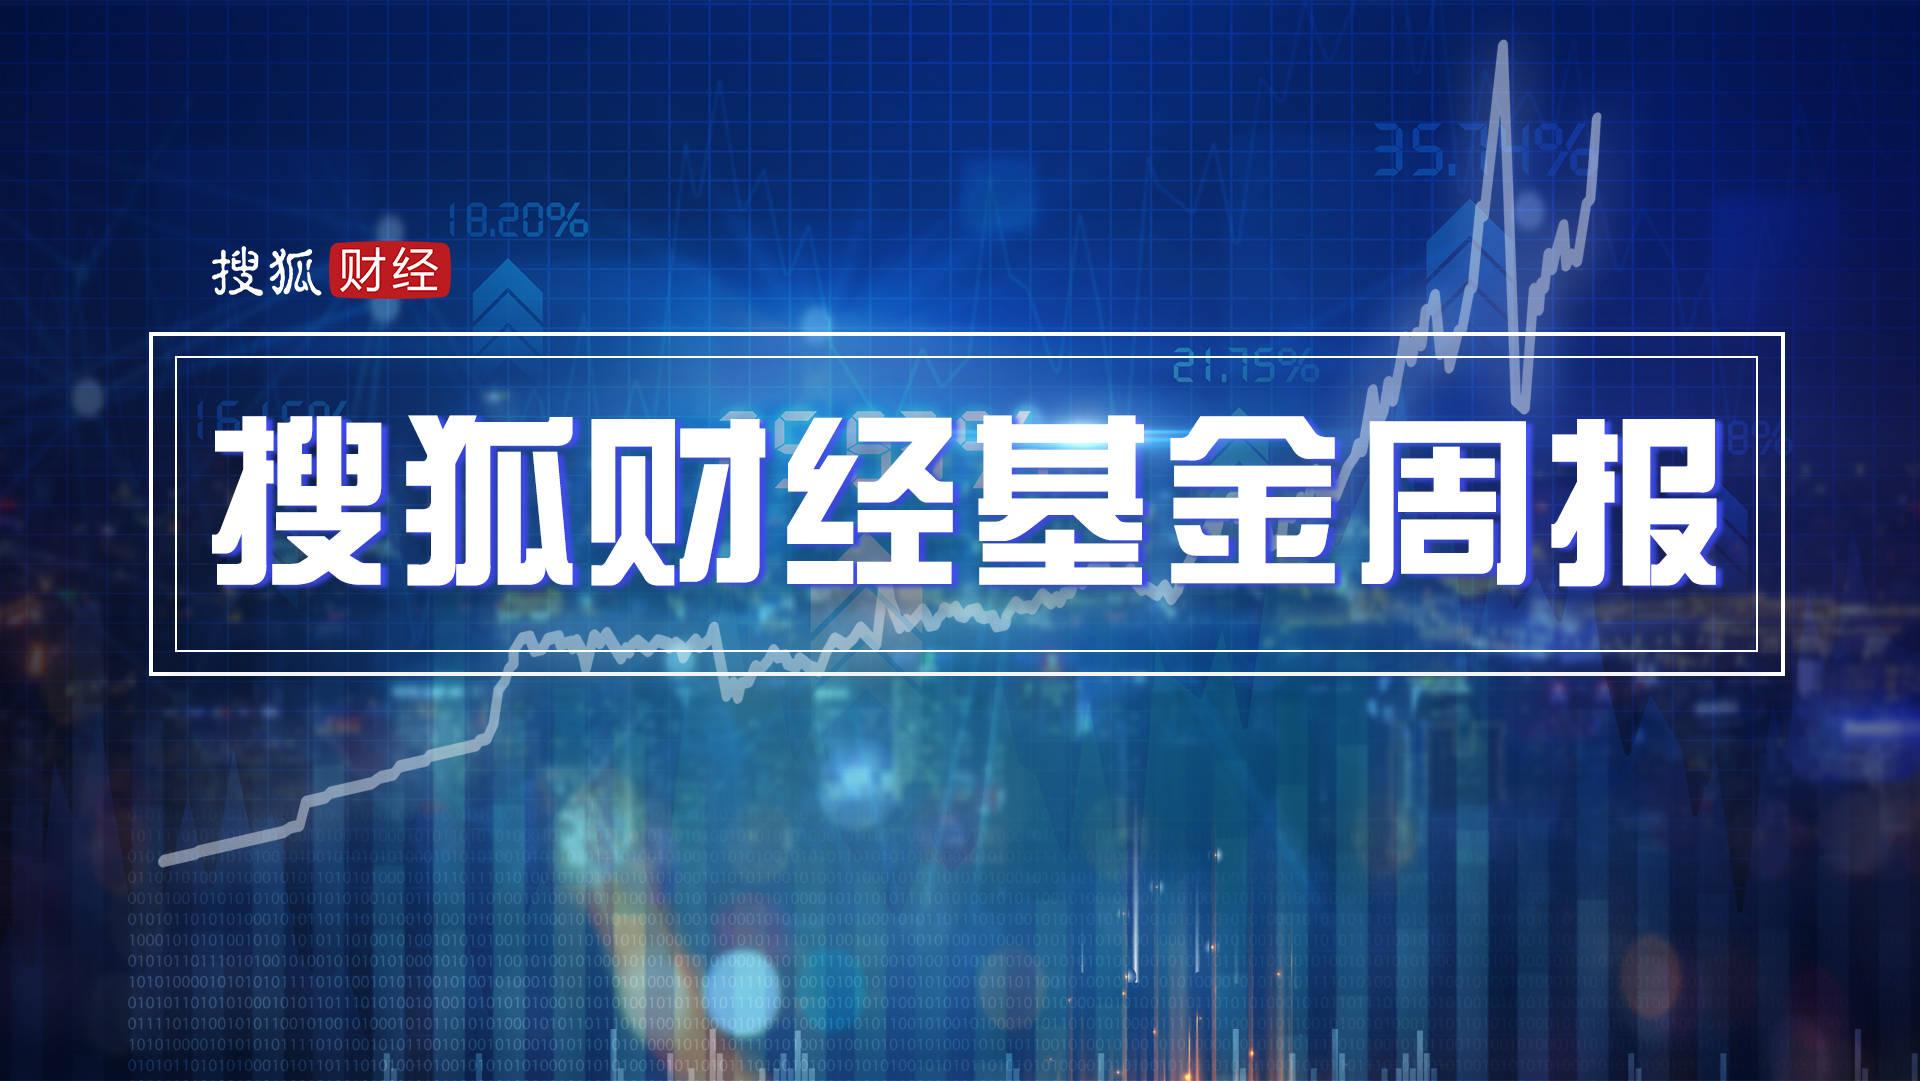 搜狐金融基金周刊| 37家新基金会,总规模337亿;2020年,中国农业银行汇理4产品业绩高居榜首